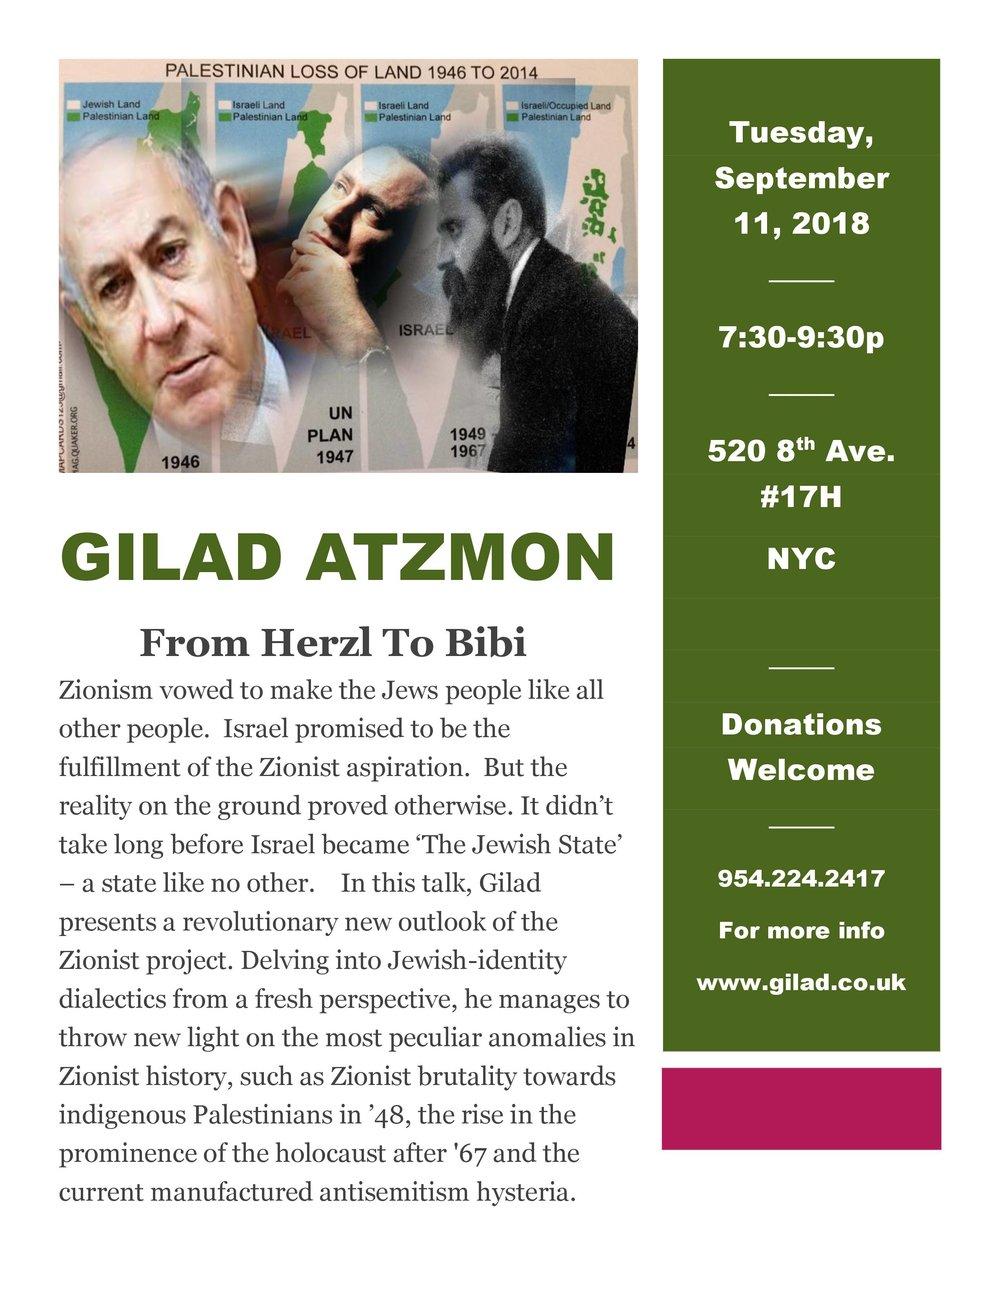 From Herzl To Bibi Poster.jpg